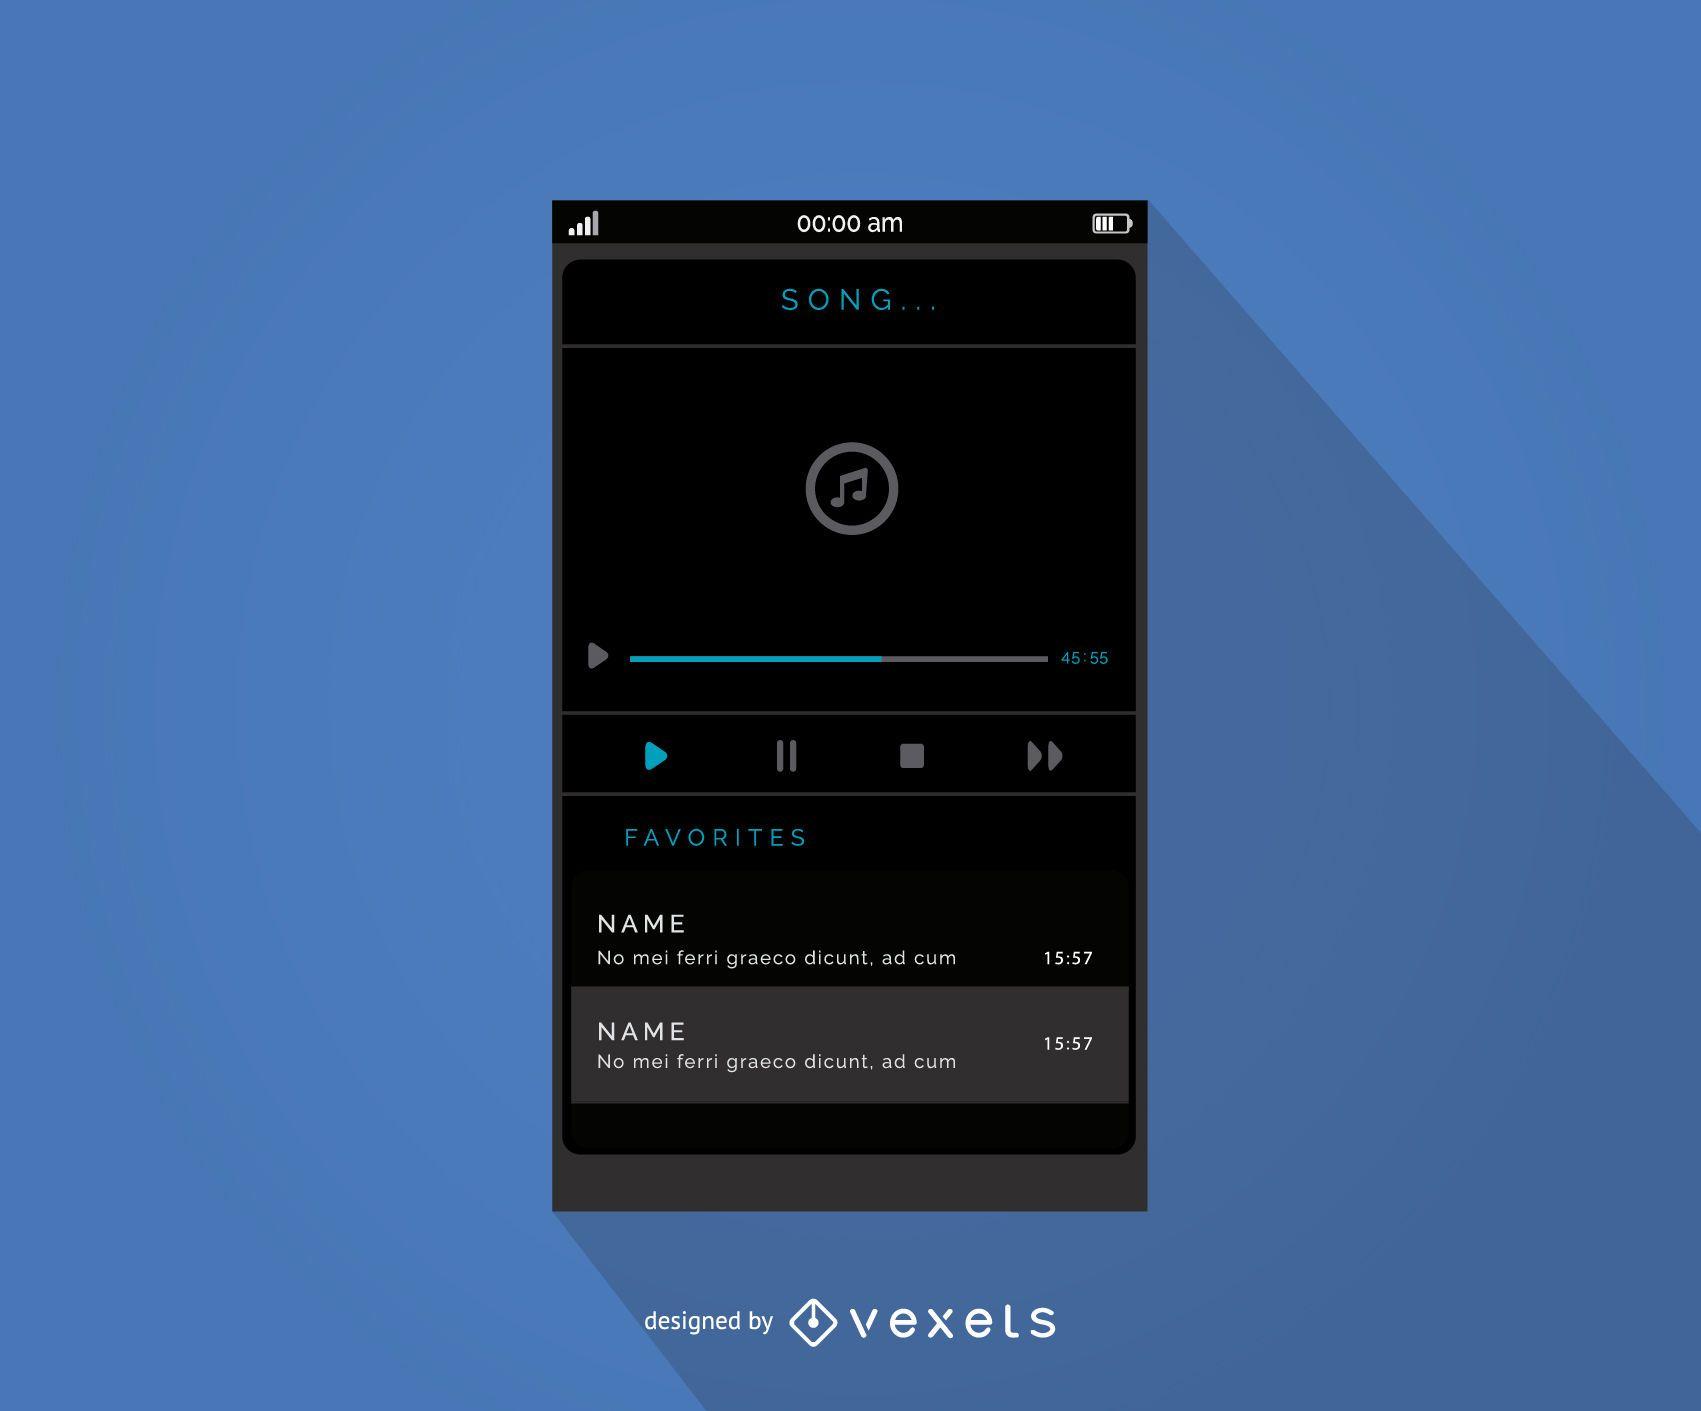 Diseño de interfaz de reproductor de música móvil